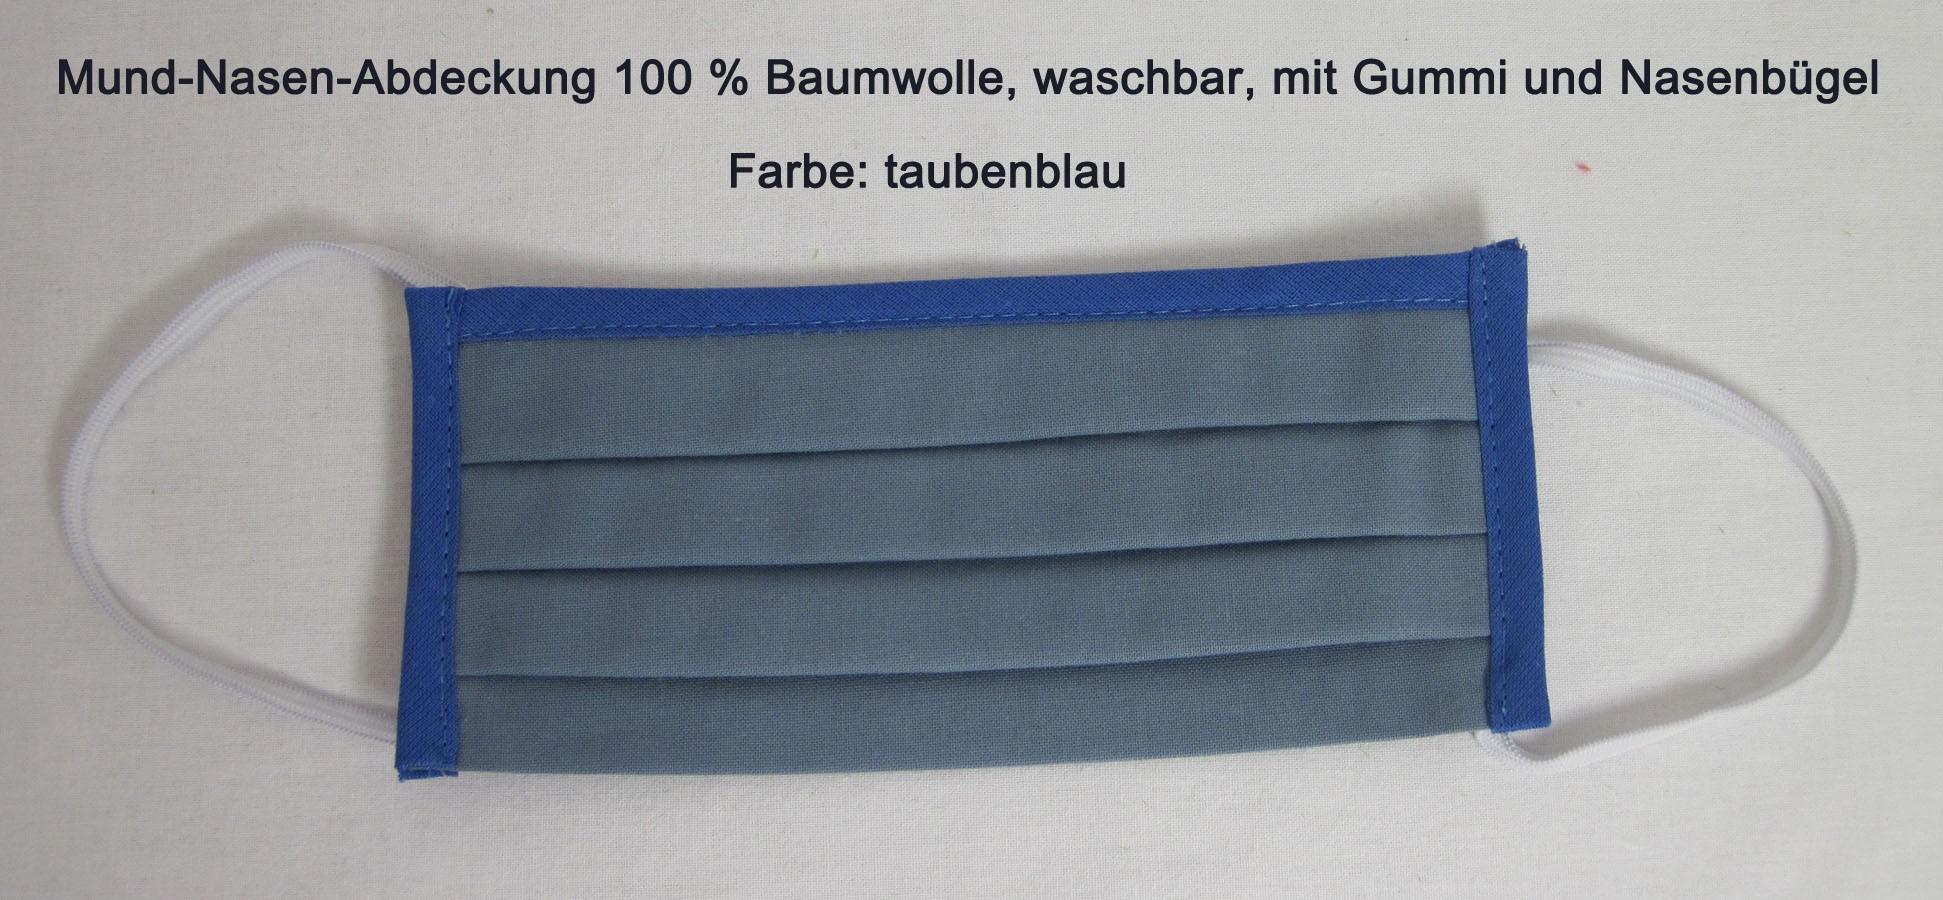 Waschbare Mund-Nasen-Abdeckung aus 100 % Bw ca. 17x10 cm taubenblau mit Gummi